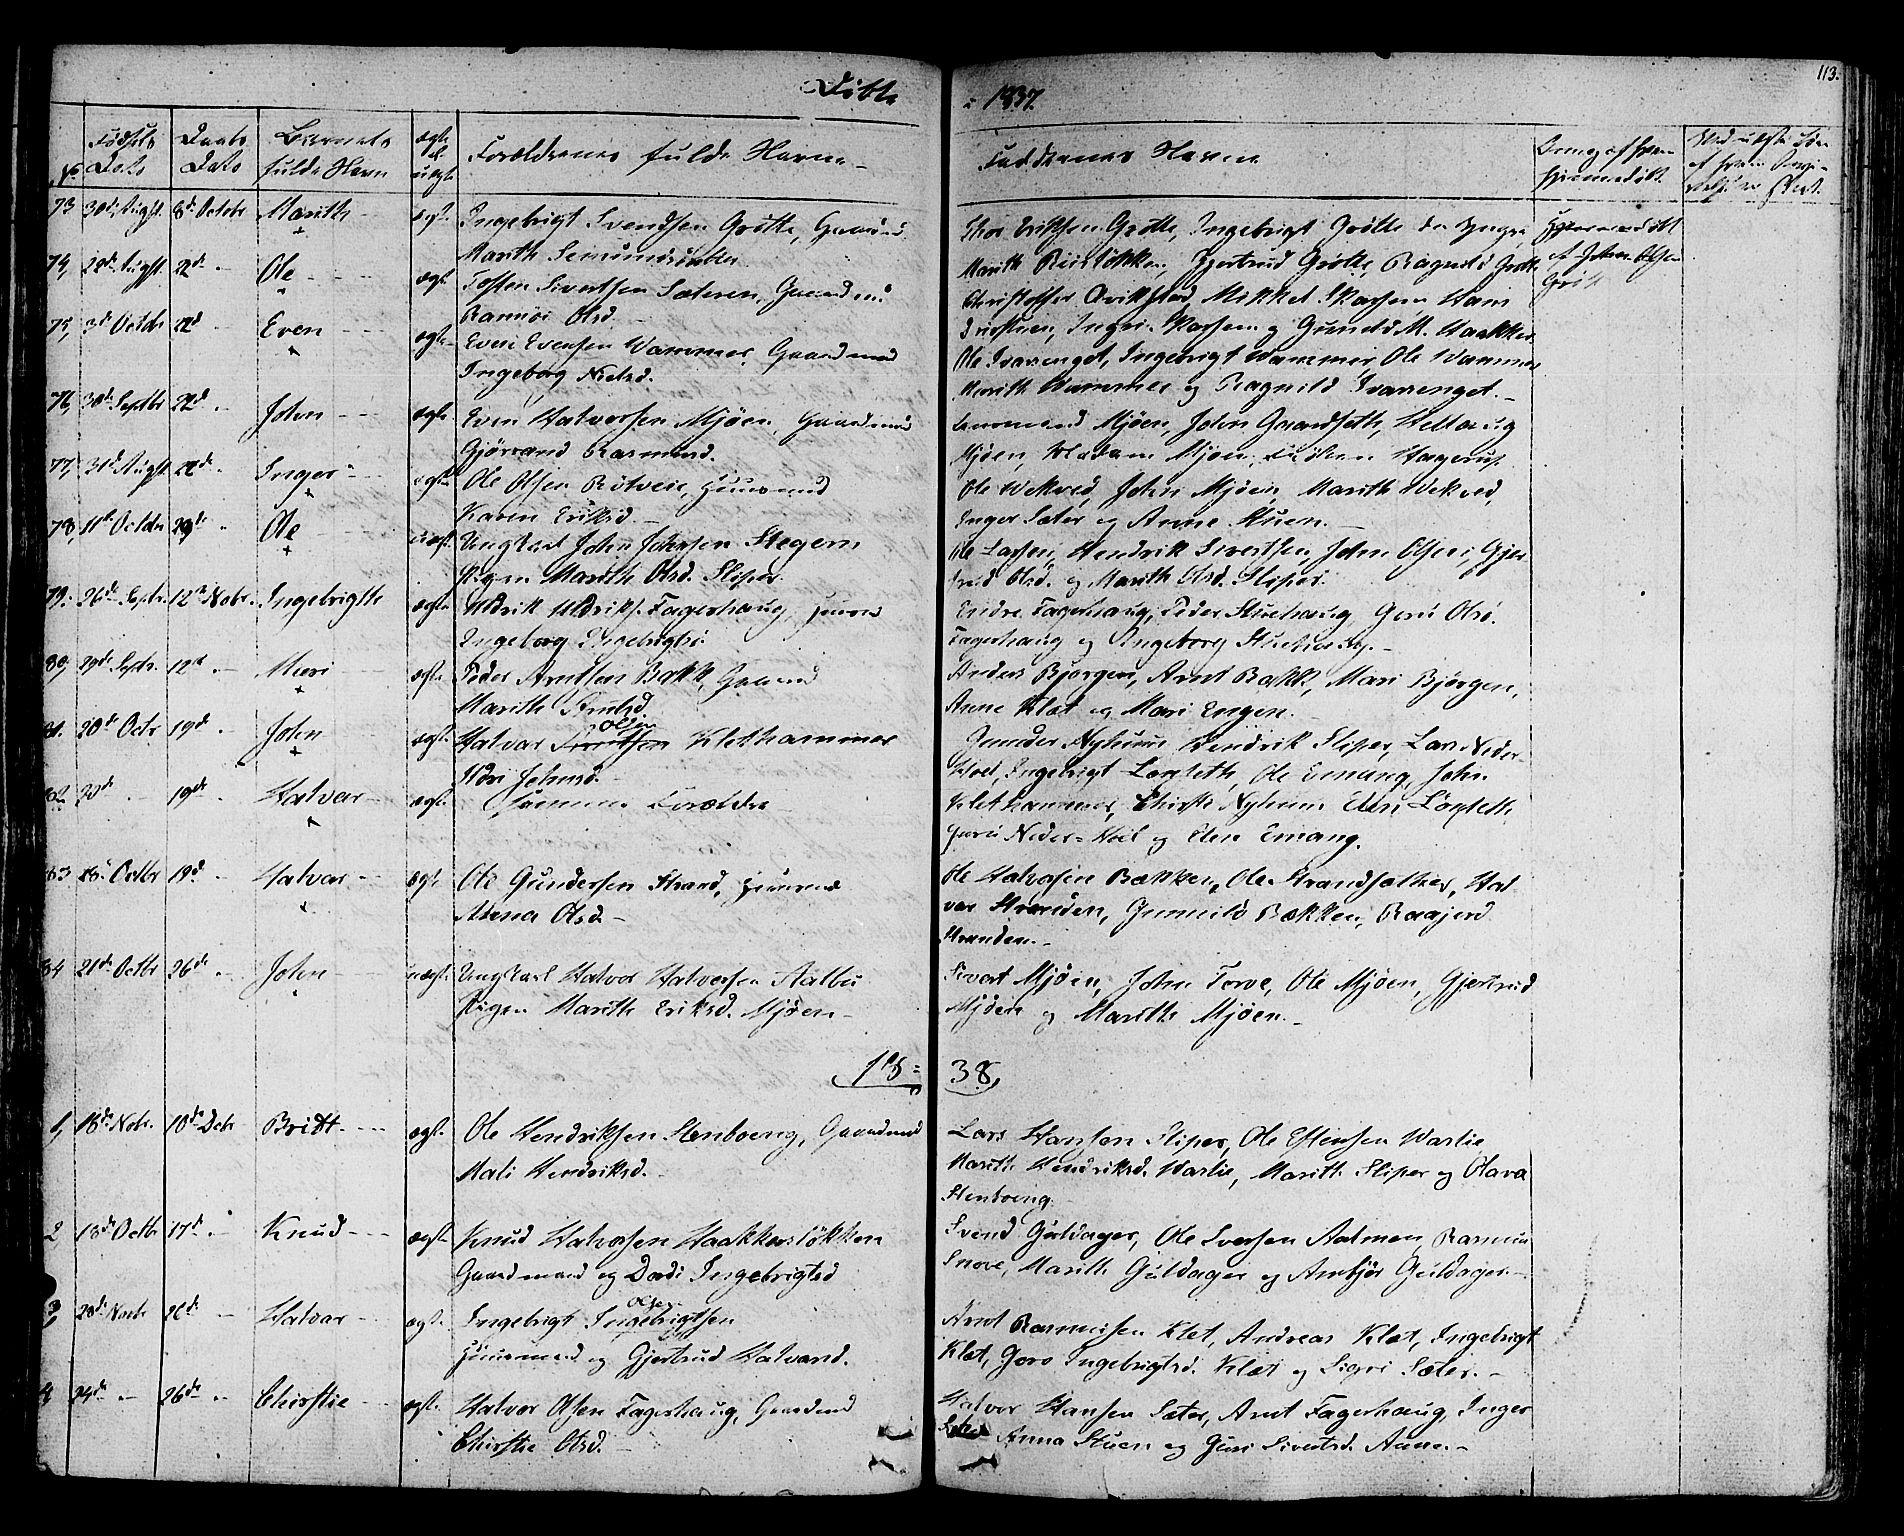 SAT, Ministerialprotokoller, klokkerbøker og fødselsregistre - Sør-Trøndelag, 678/L0897: Ministerialbok nr. 678A06-07, 1821-1847, s. 113